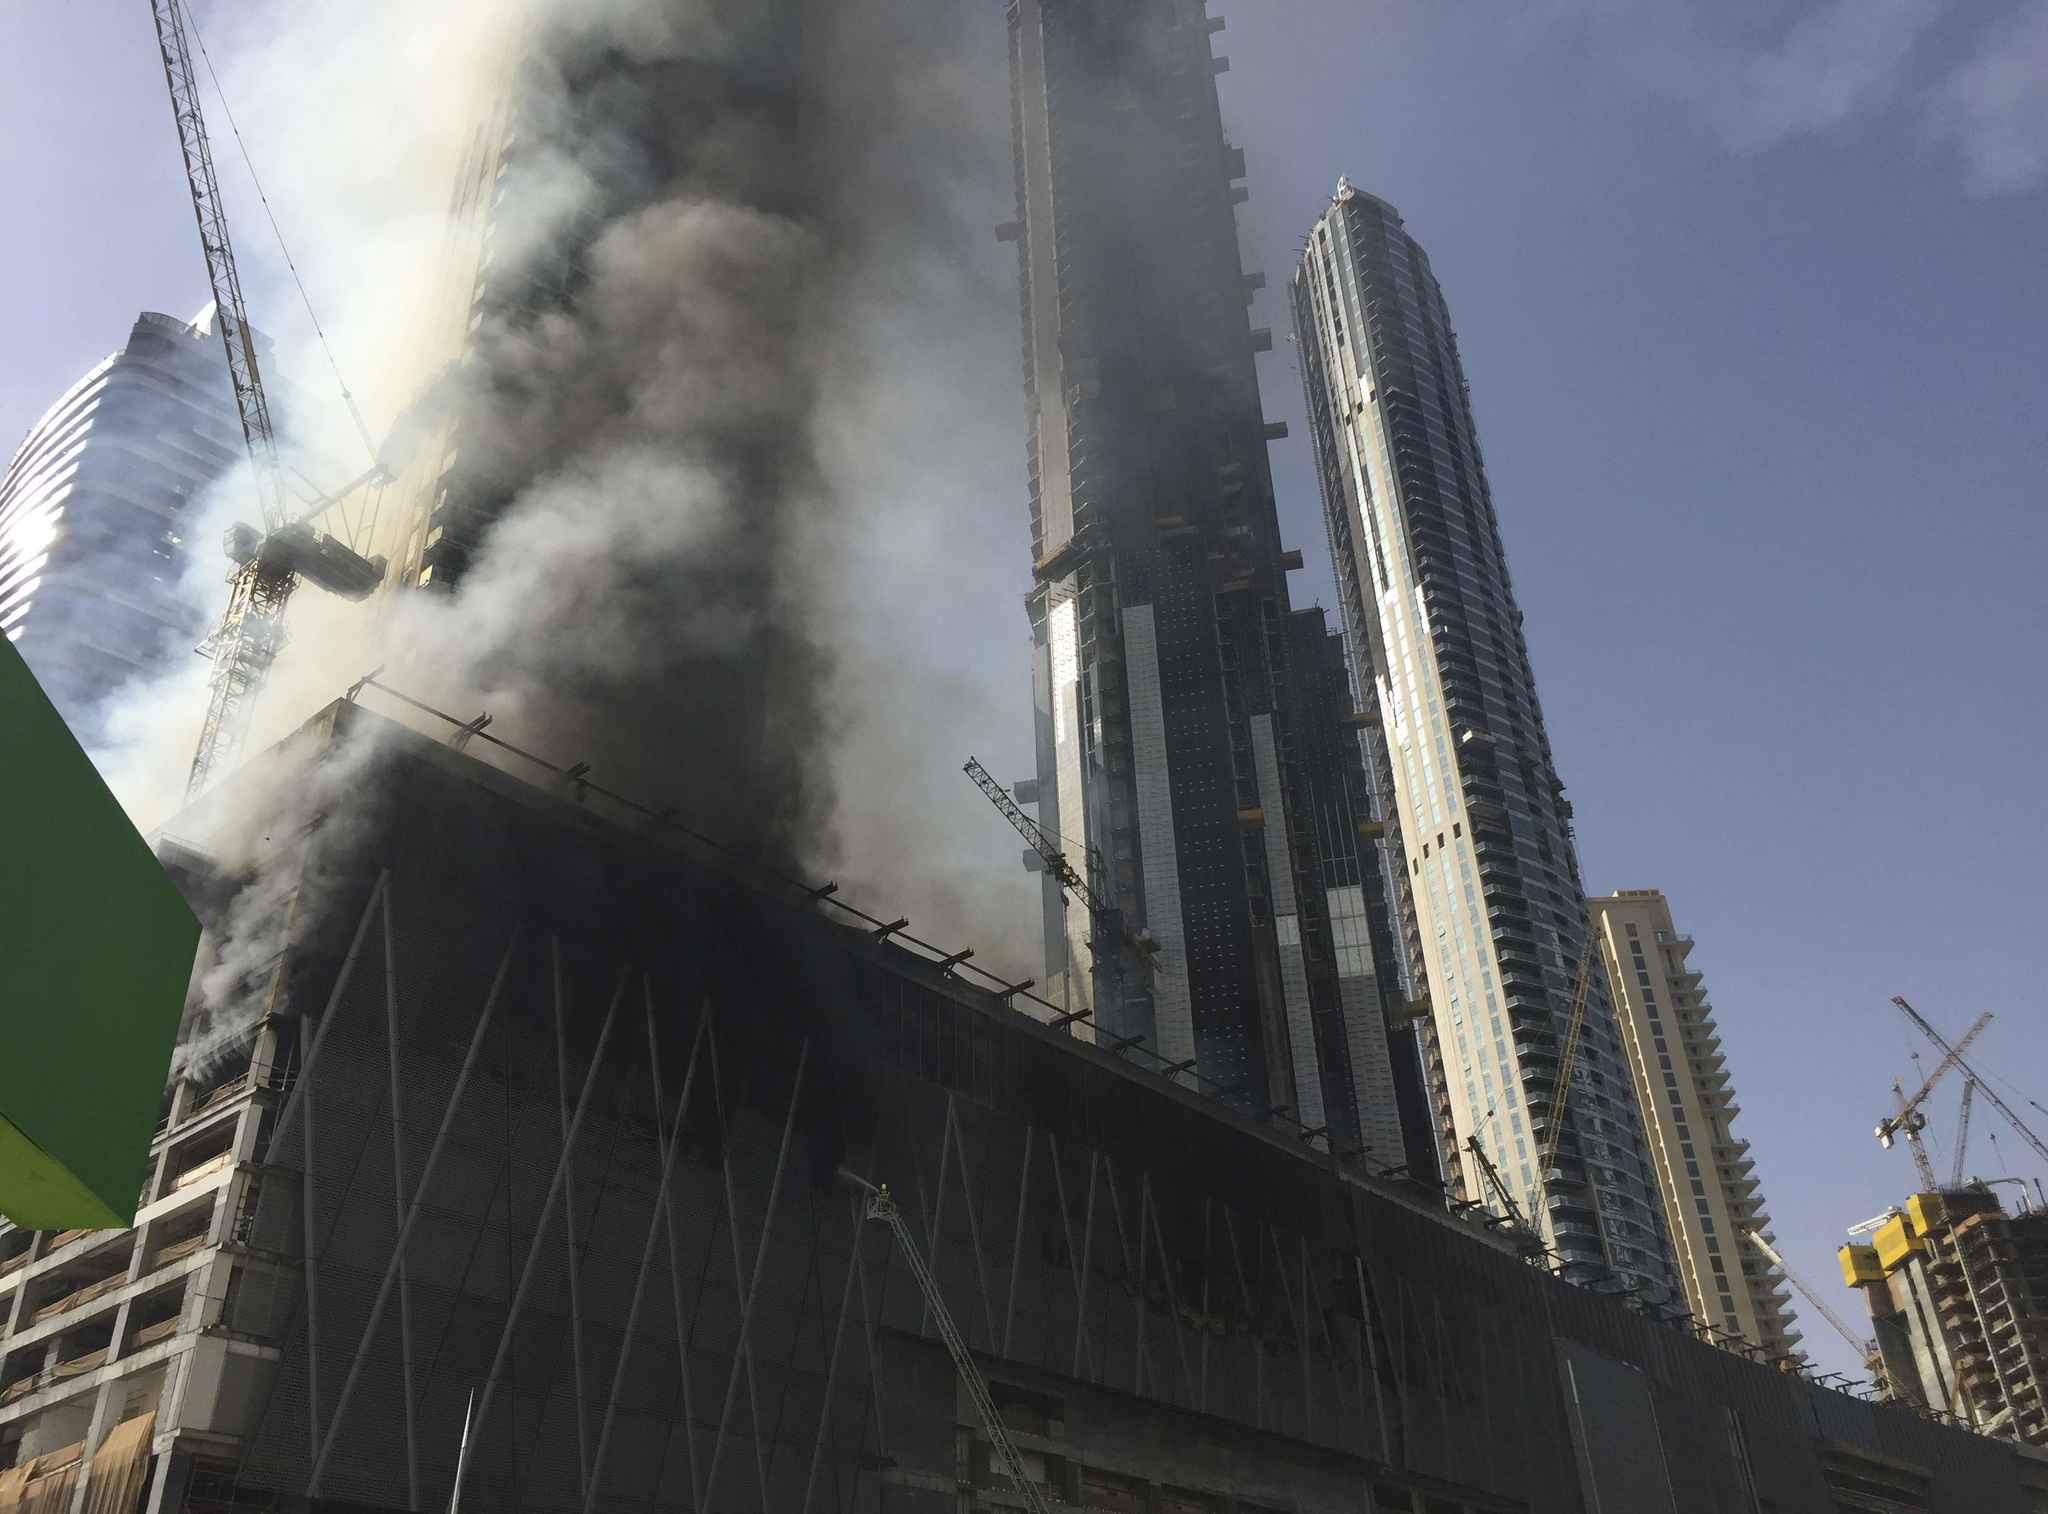 Video duba nouvel incendie pr s de la plus haute tour for Centre commercial grand tour sainte eulalie